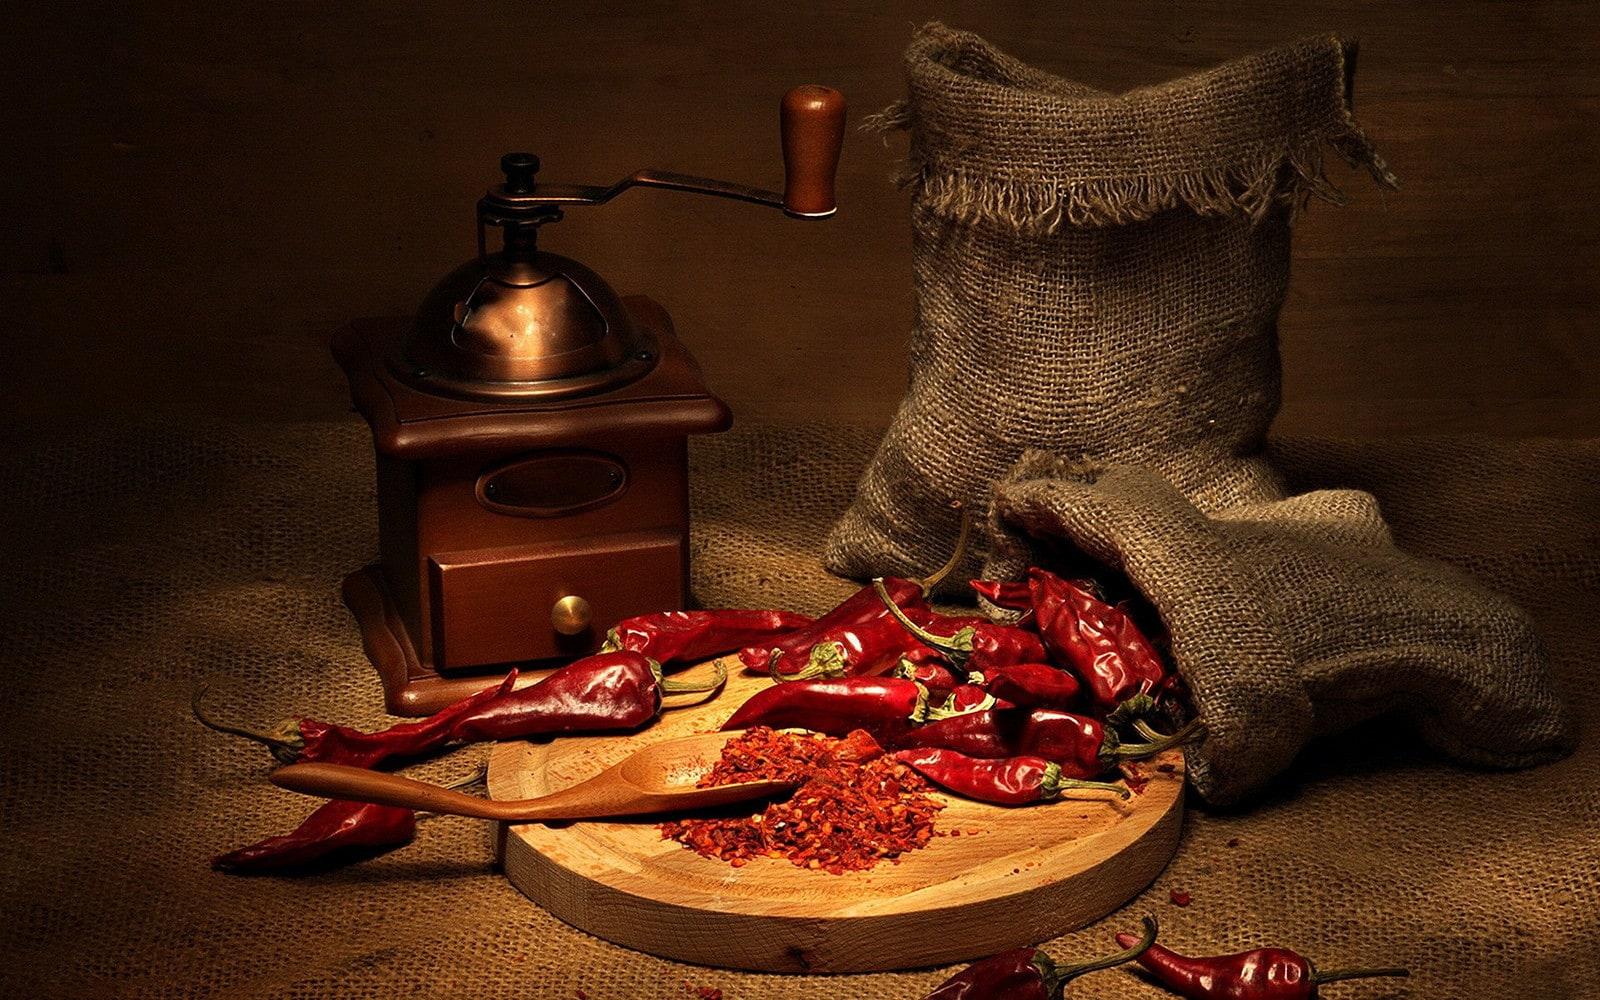 fotografía culinaria de pimientos rojos